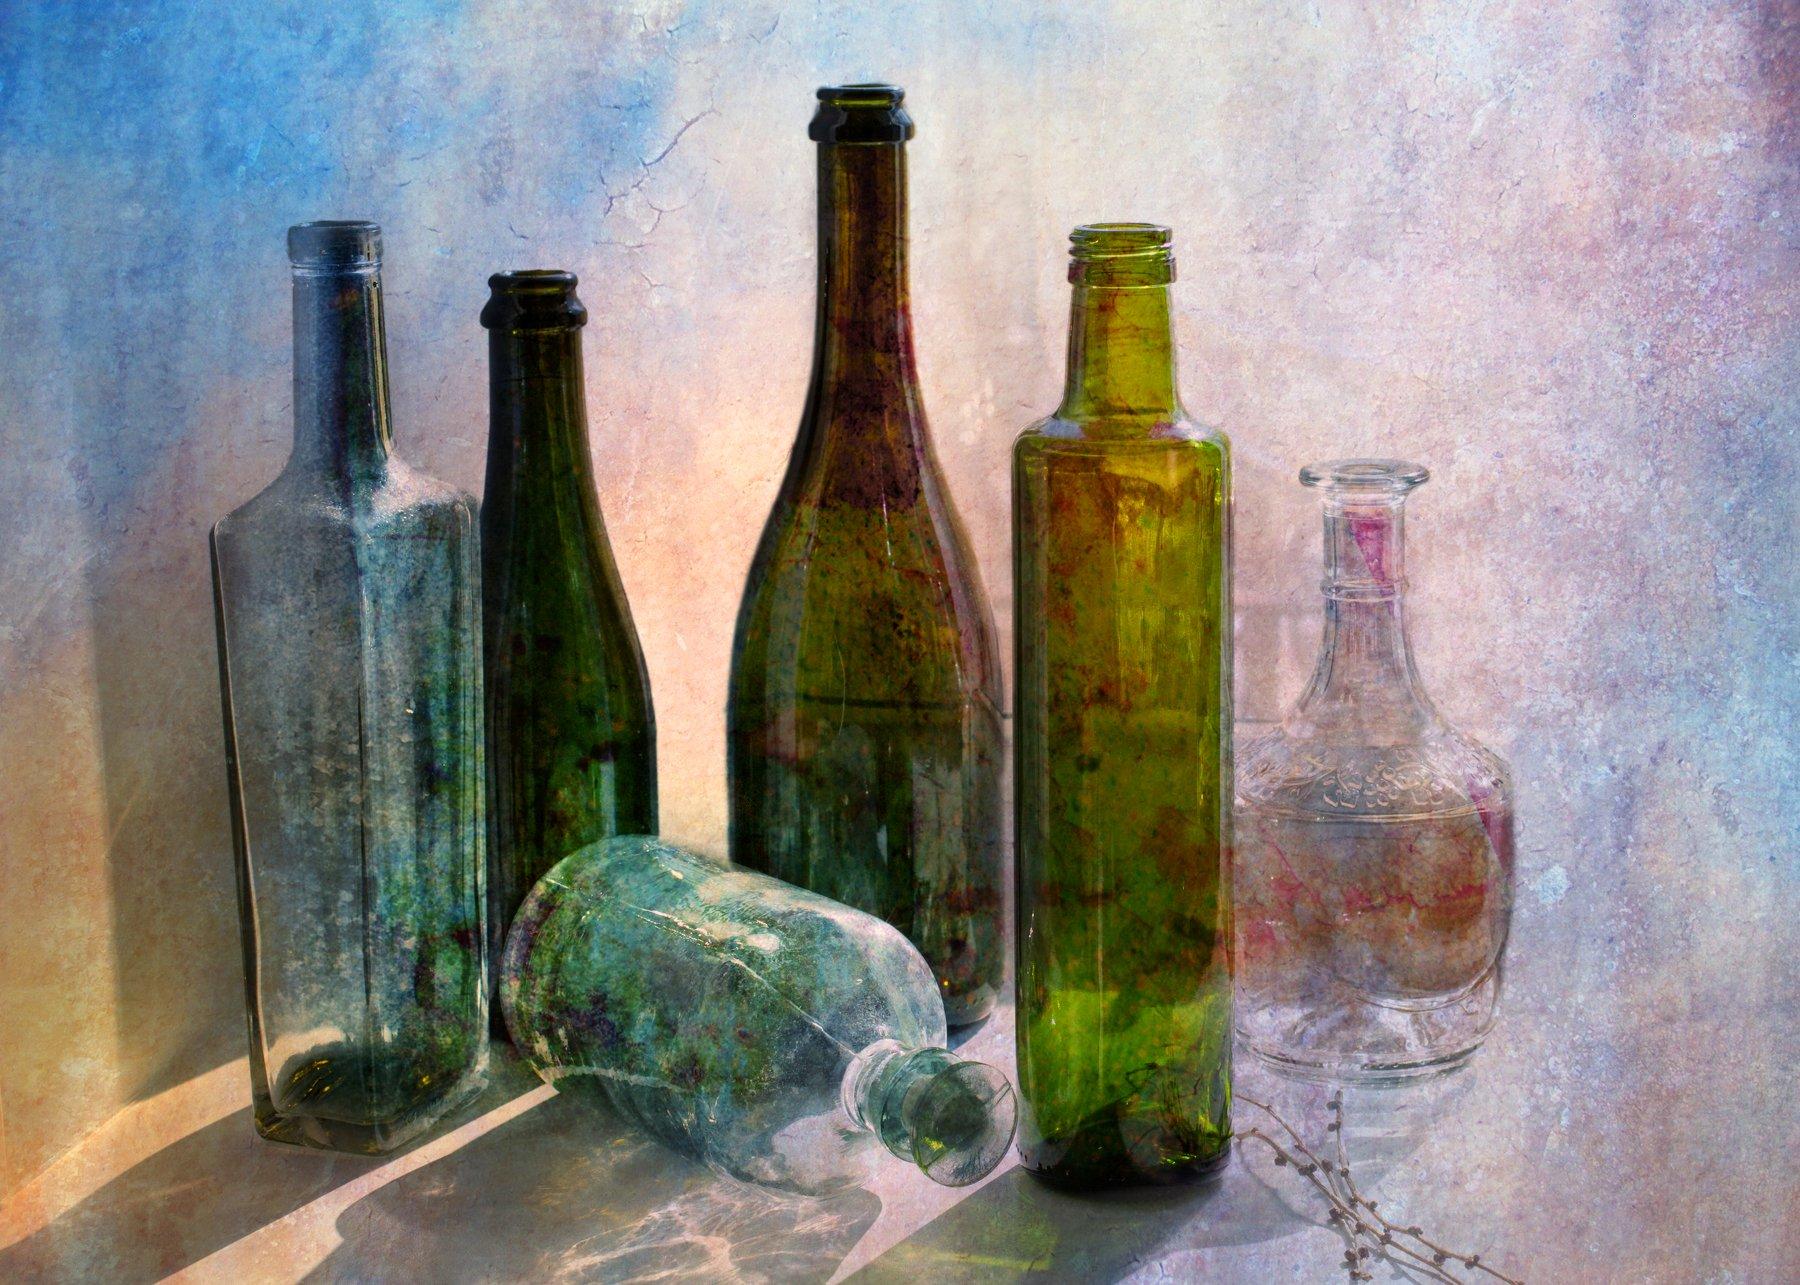 фото , цвет , натюрморт , бутылки, стекло , ветка , светлый тон, Федотов Вадим(Vadius)